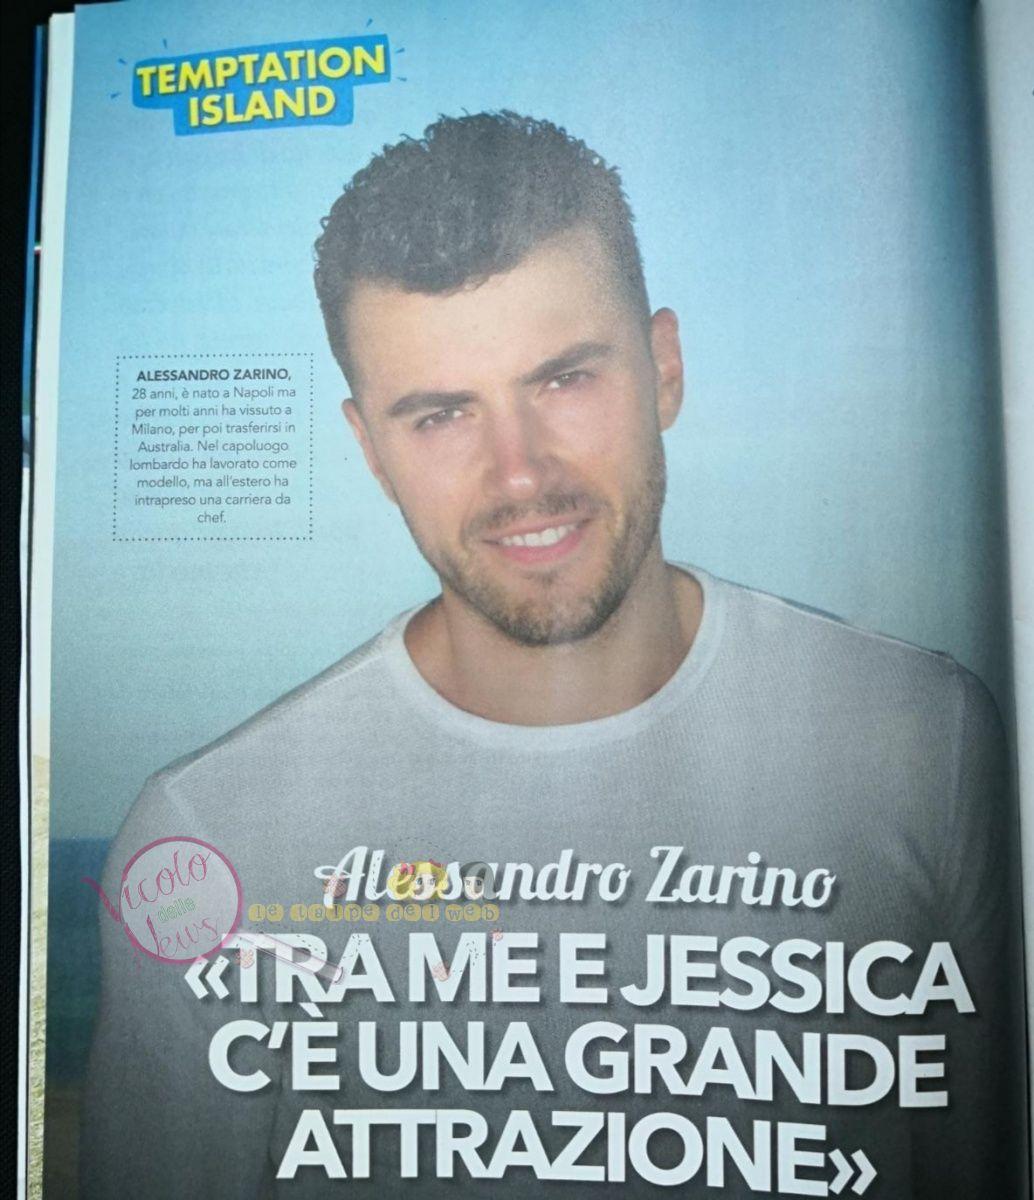 Alessandro Zarino Temptation Island